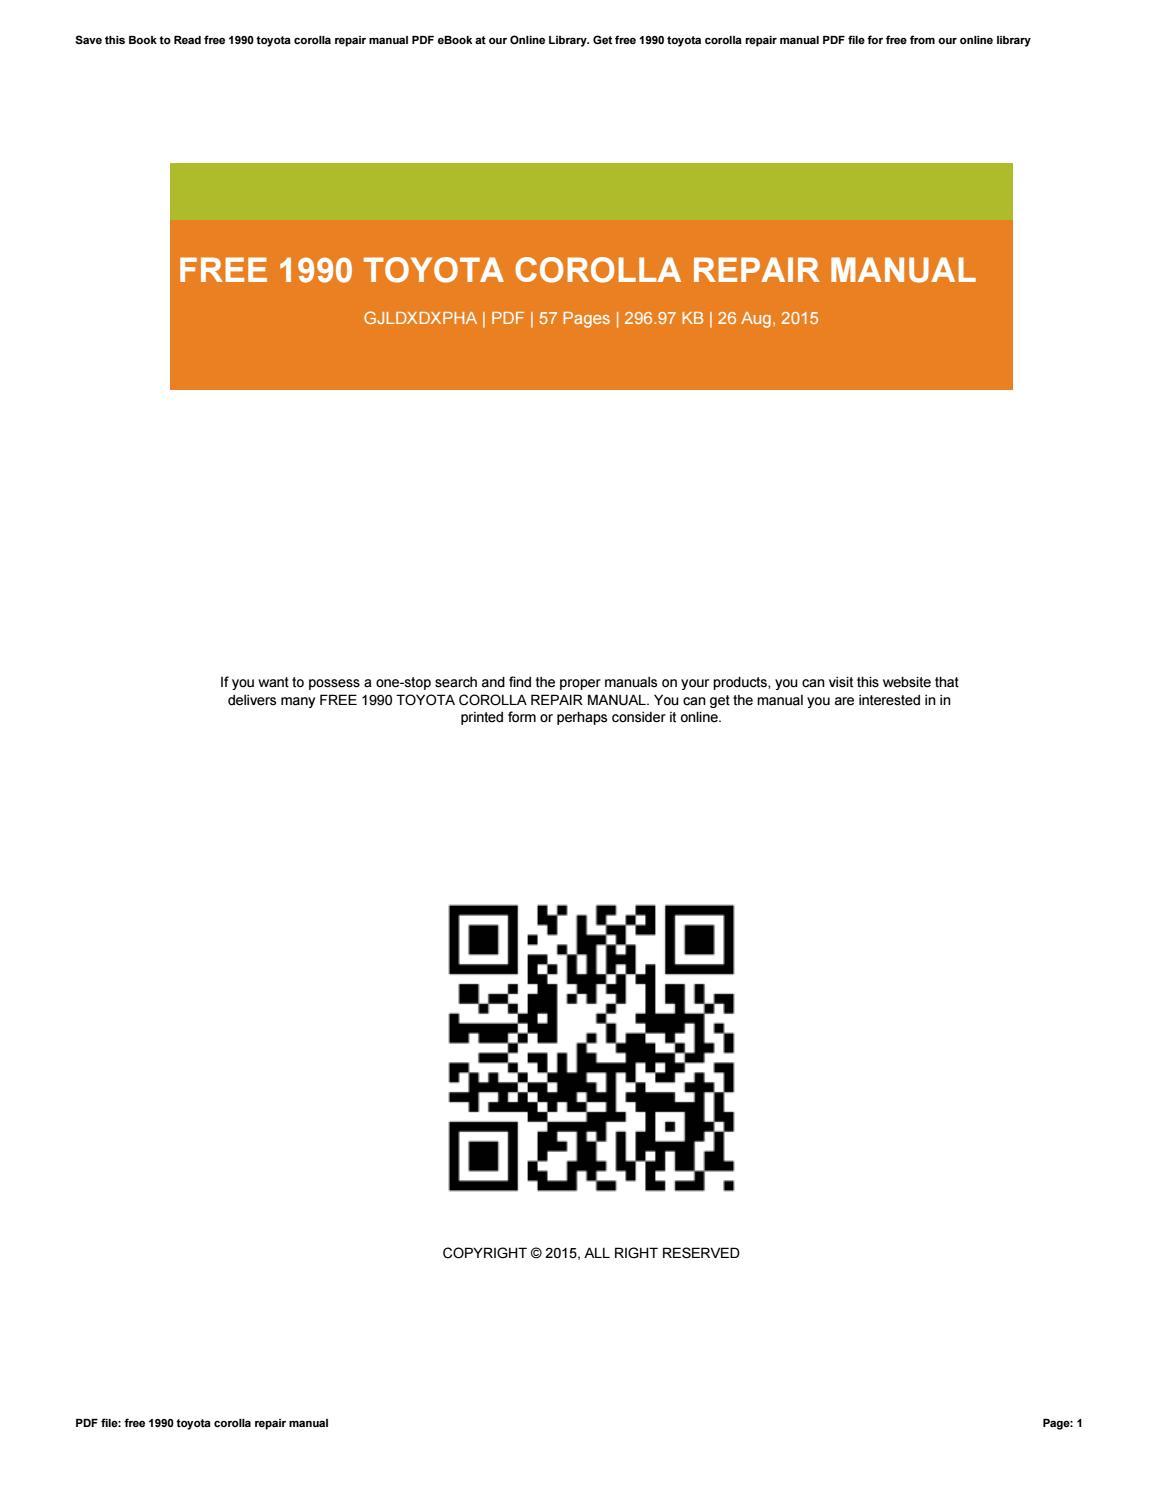 free 1990 toyota corolla repair manual by terry leach - issuu  issuu